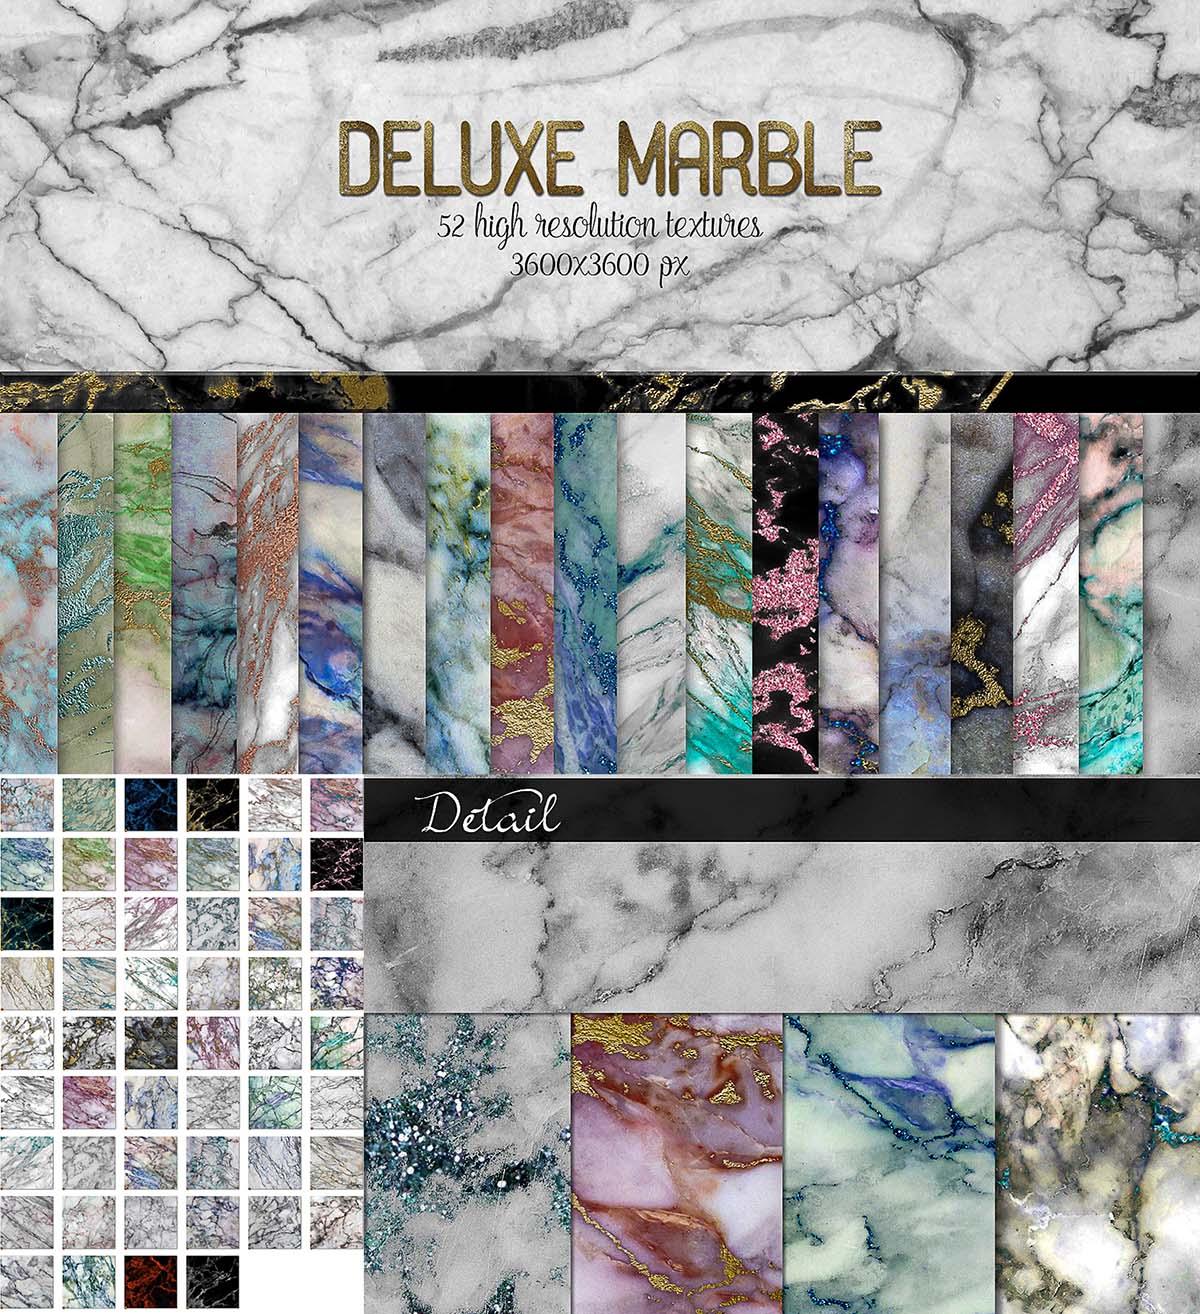 Deluxe marble textures